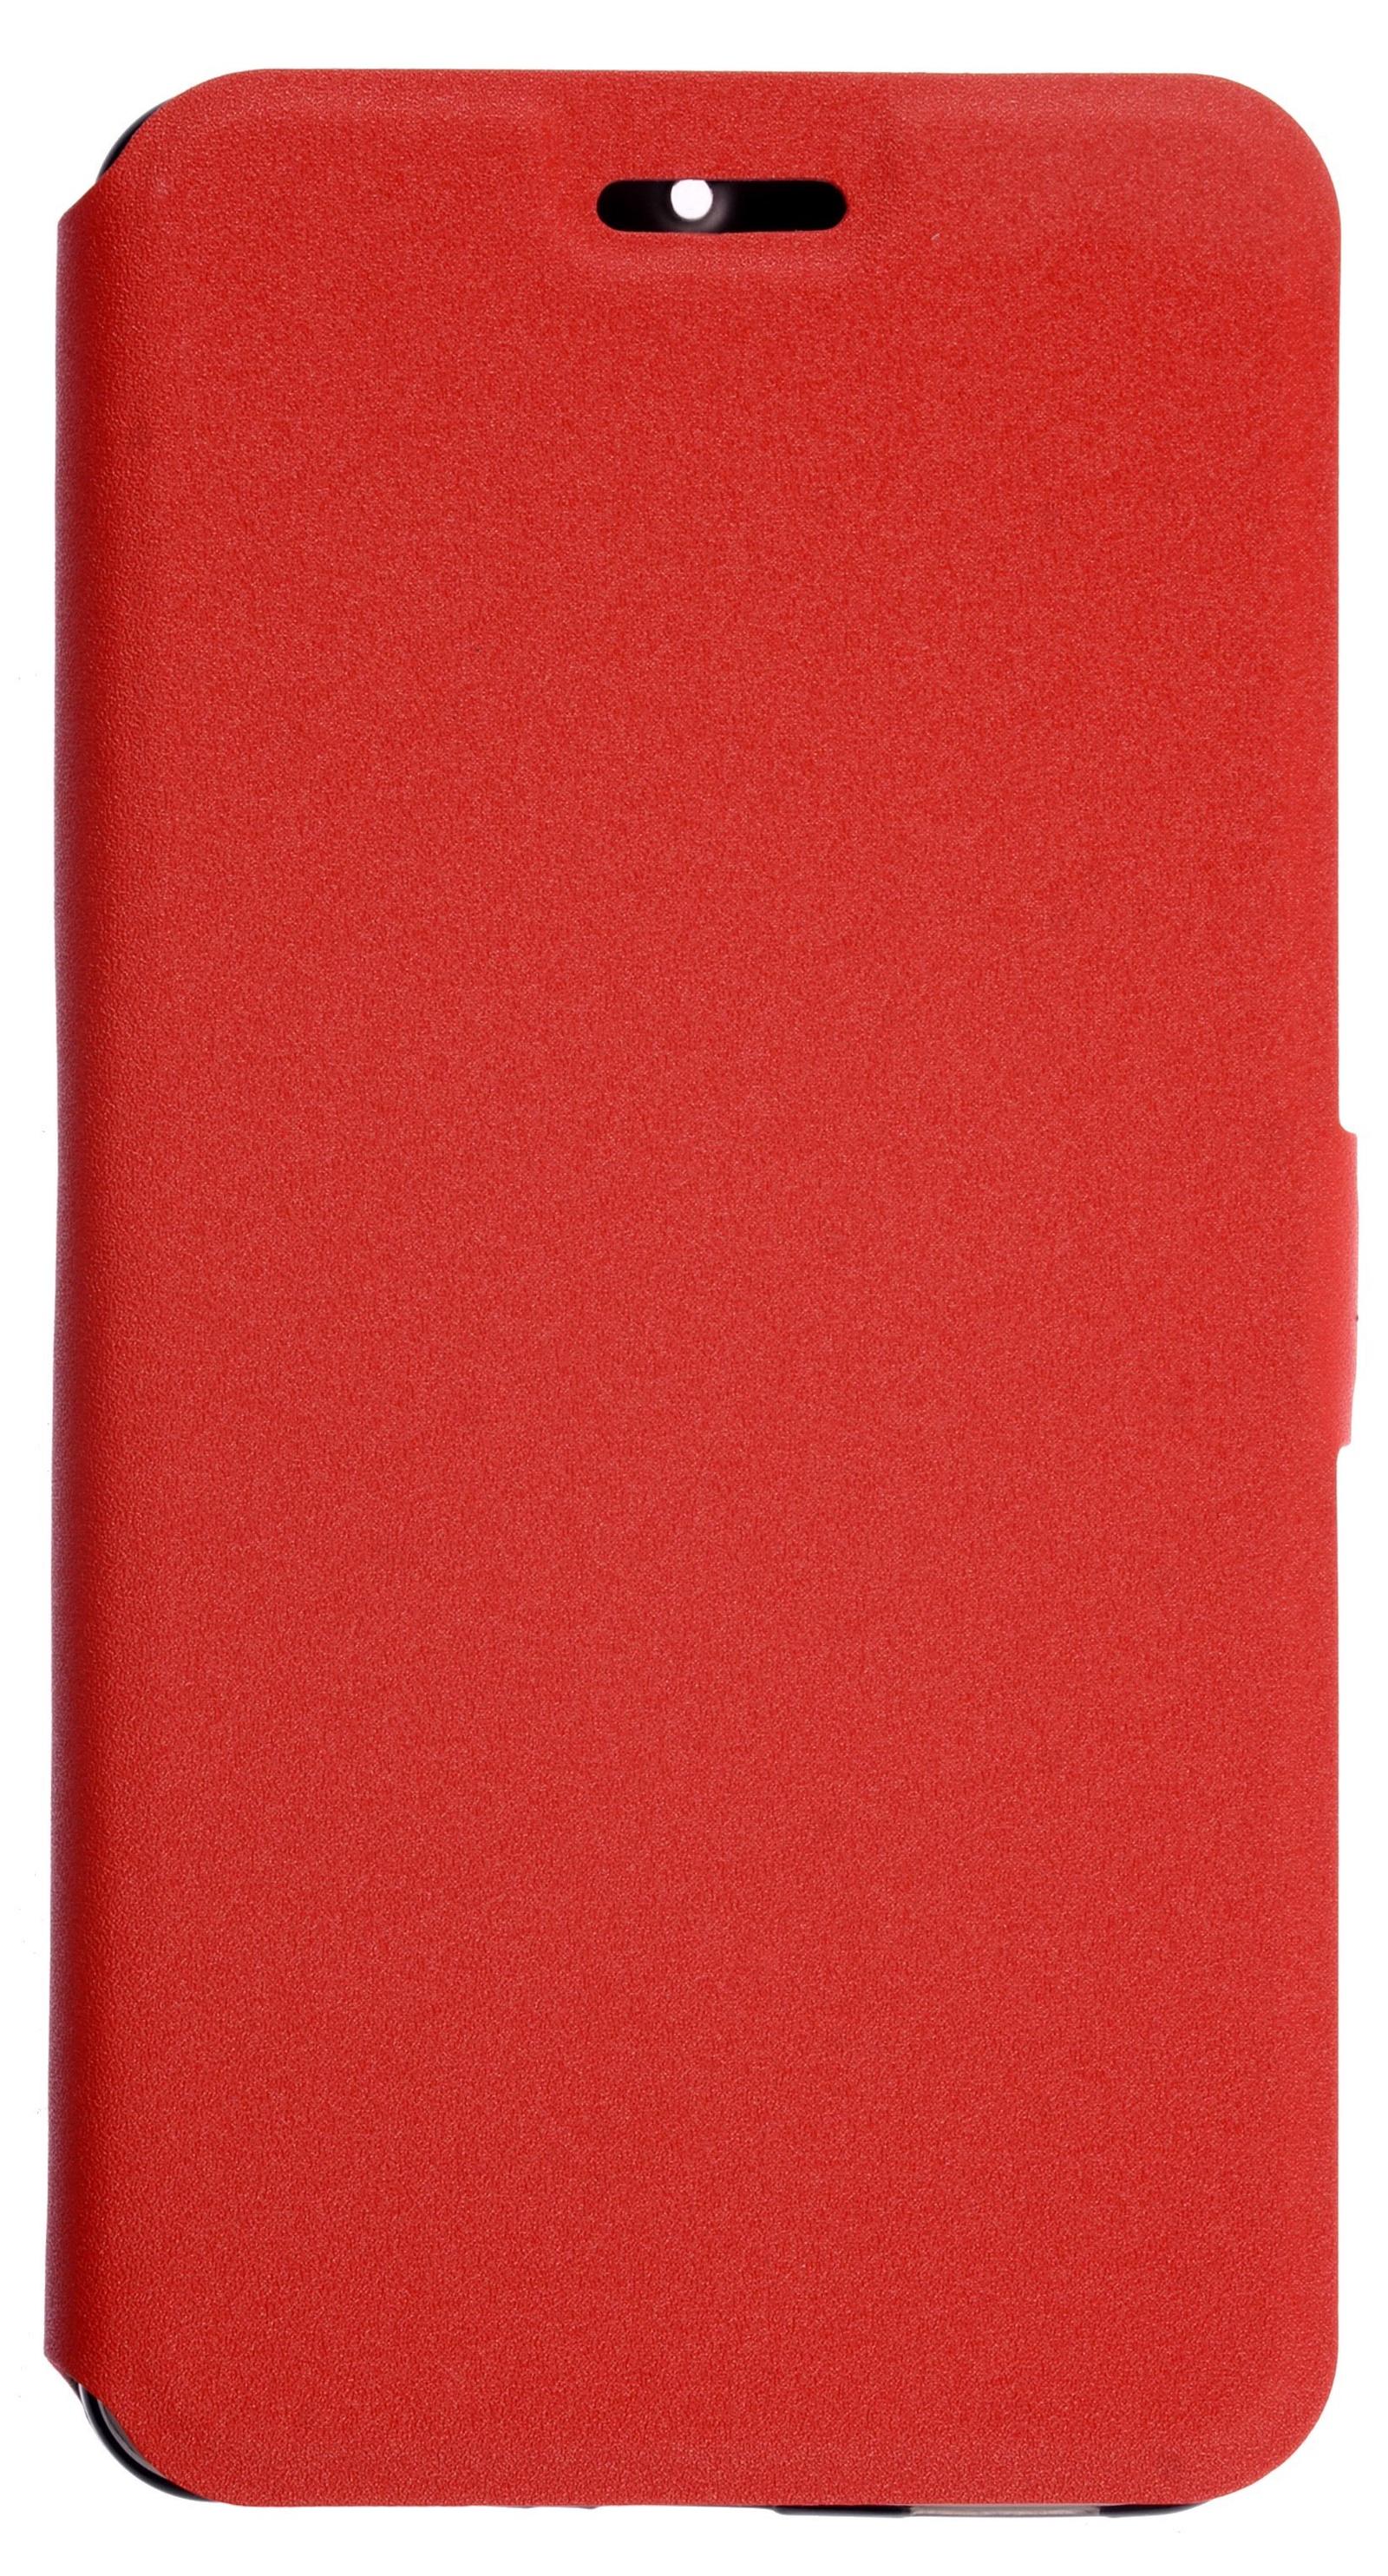 Чехол для сотового телефона PRIME Book, 4660041408942, красный чехол для сотового телефона prime book 4630042523708 красный